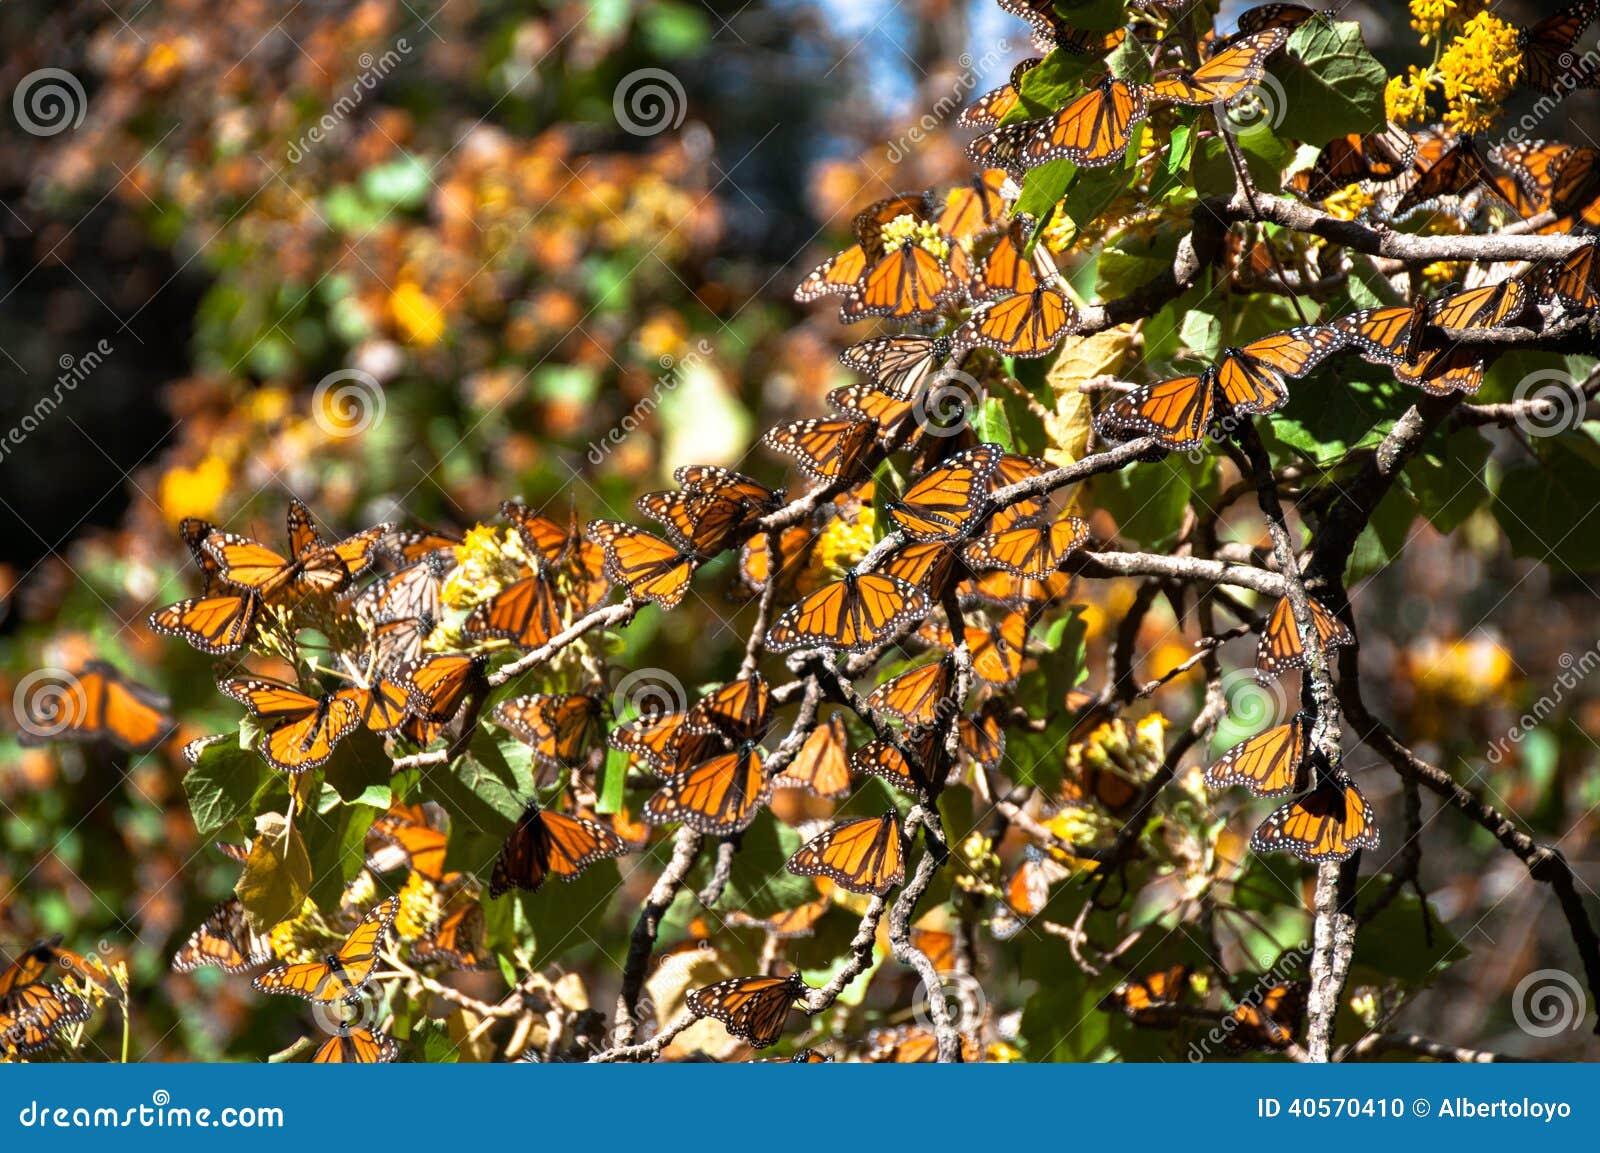 Riserva di biosfera della farfalla di monarca, Messico